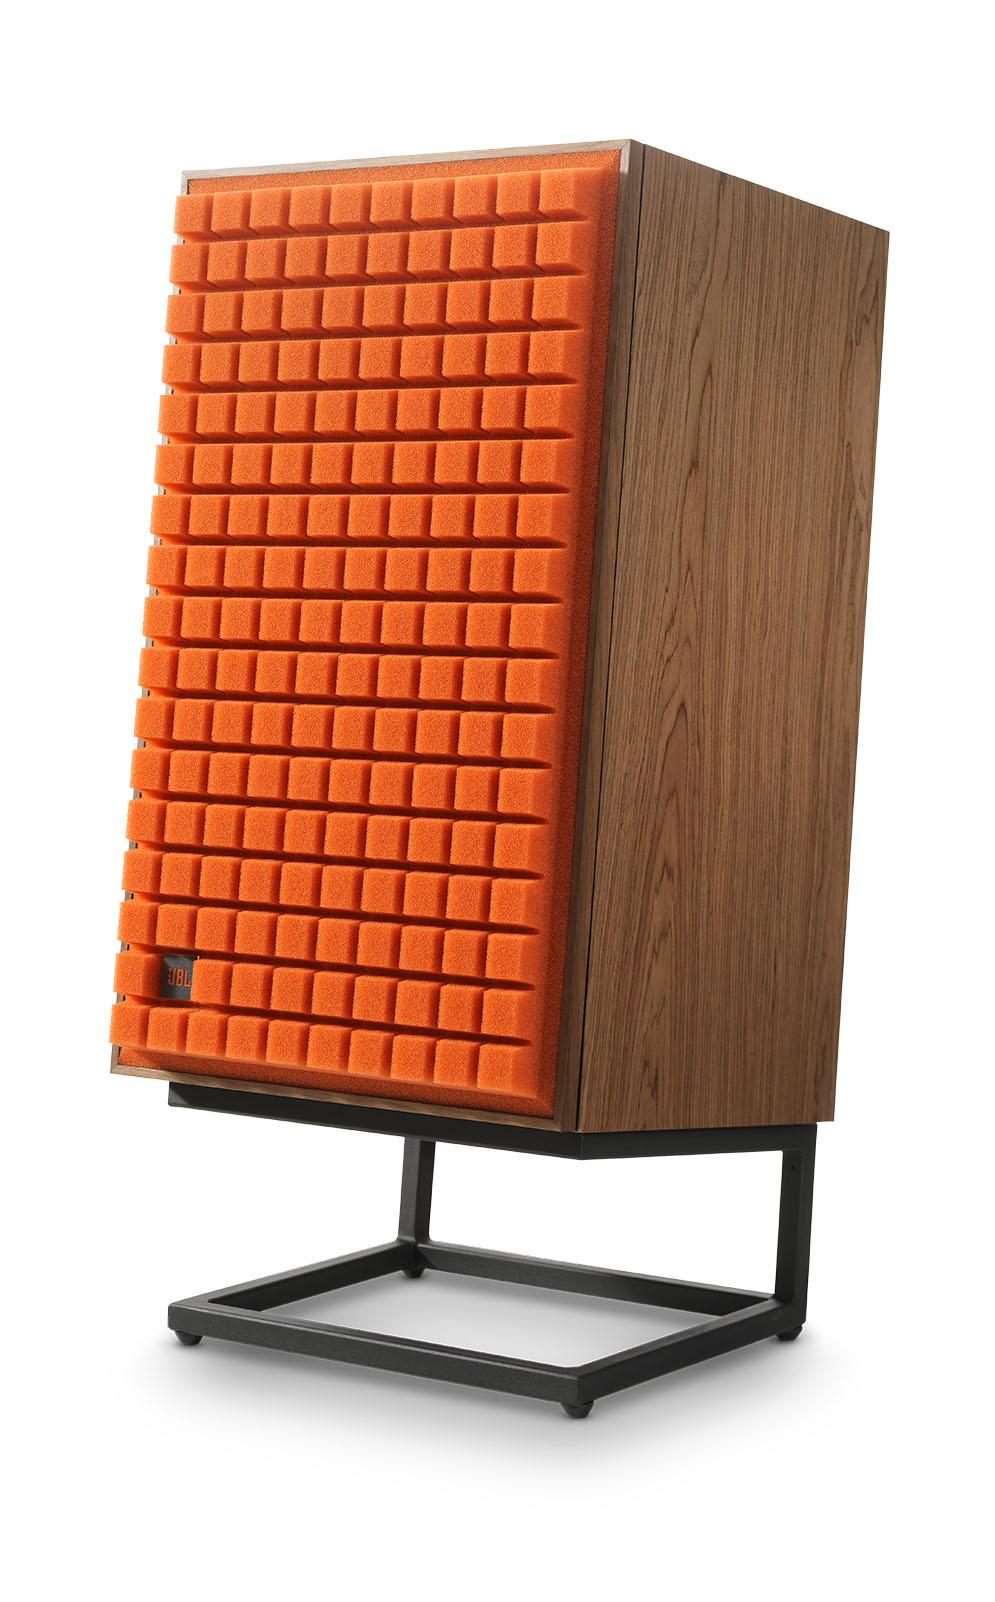 JBL L100 Classic Orange